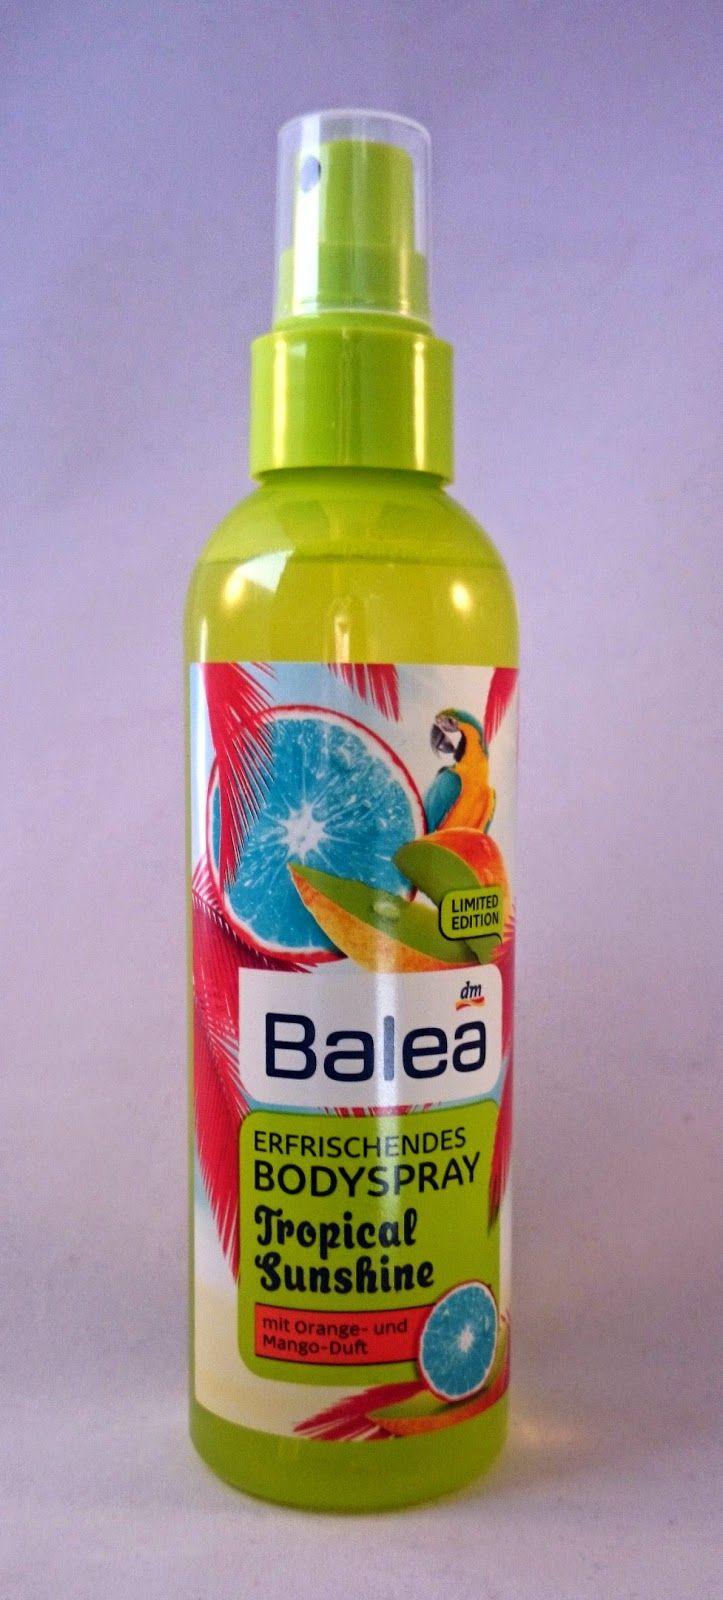 Testimony1990 - Beauty, Boxen, Food, Familie und Produkttests: Balea Körperspray